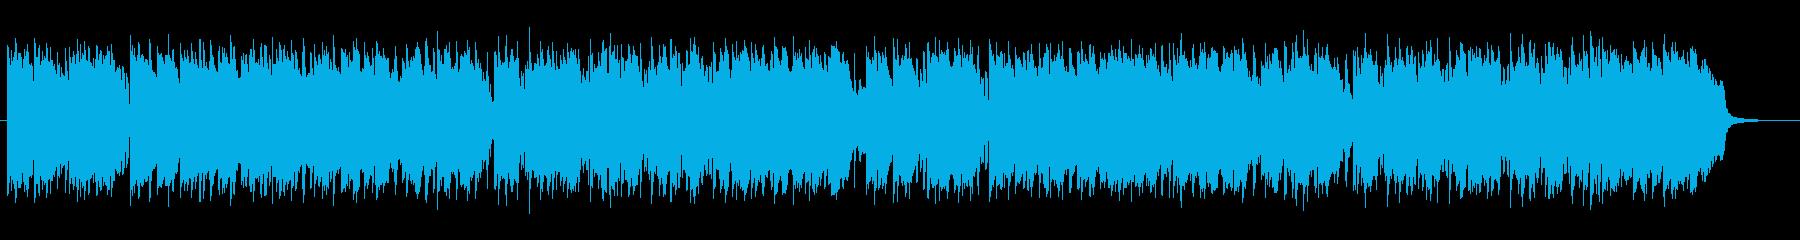 落ち着いたムードのあるミュージックの再生済みの波形